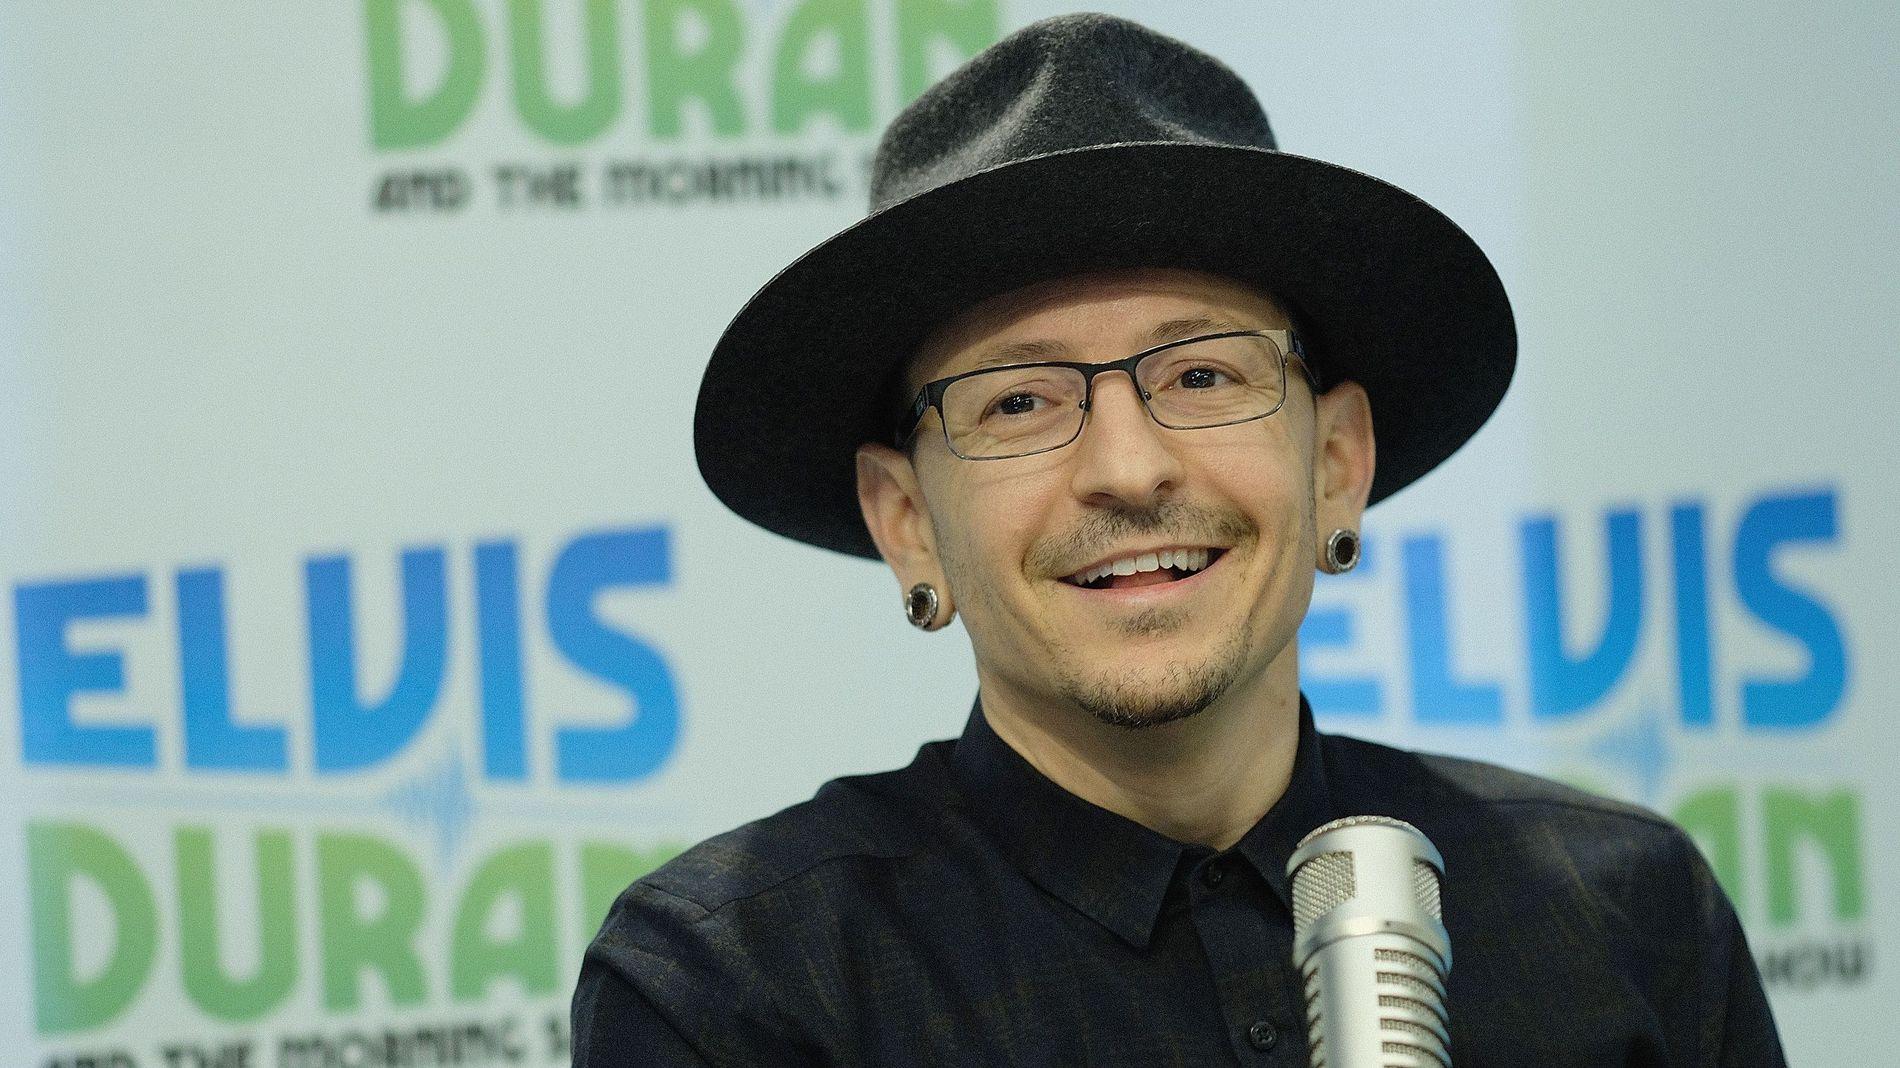 ER DØD: Linkin Park-vokalist Chester Bennington er død, melder kjendisnettstedet TMZ.